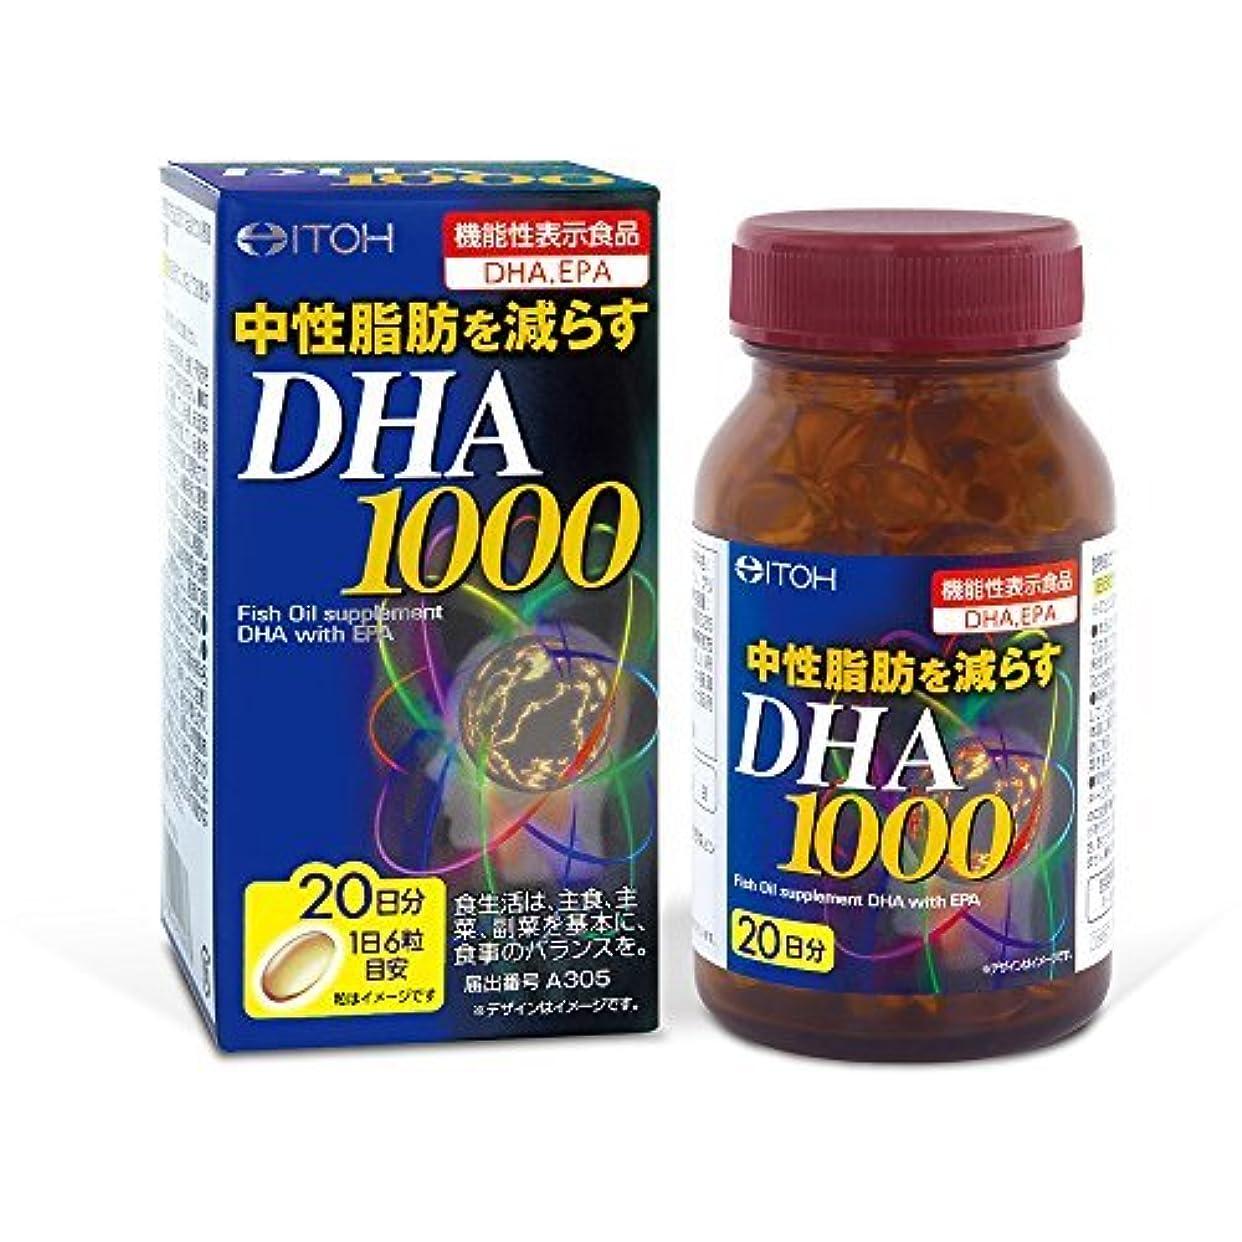 洗練された労働者政治井藤漢方製薬 DHA1000 約20日分 120粒 Japan